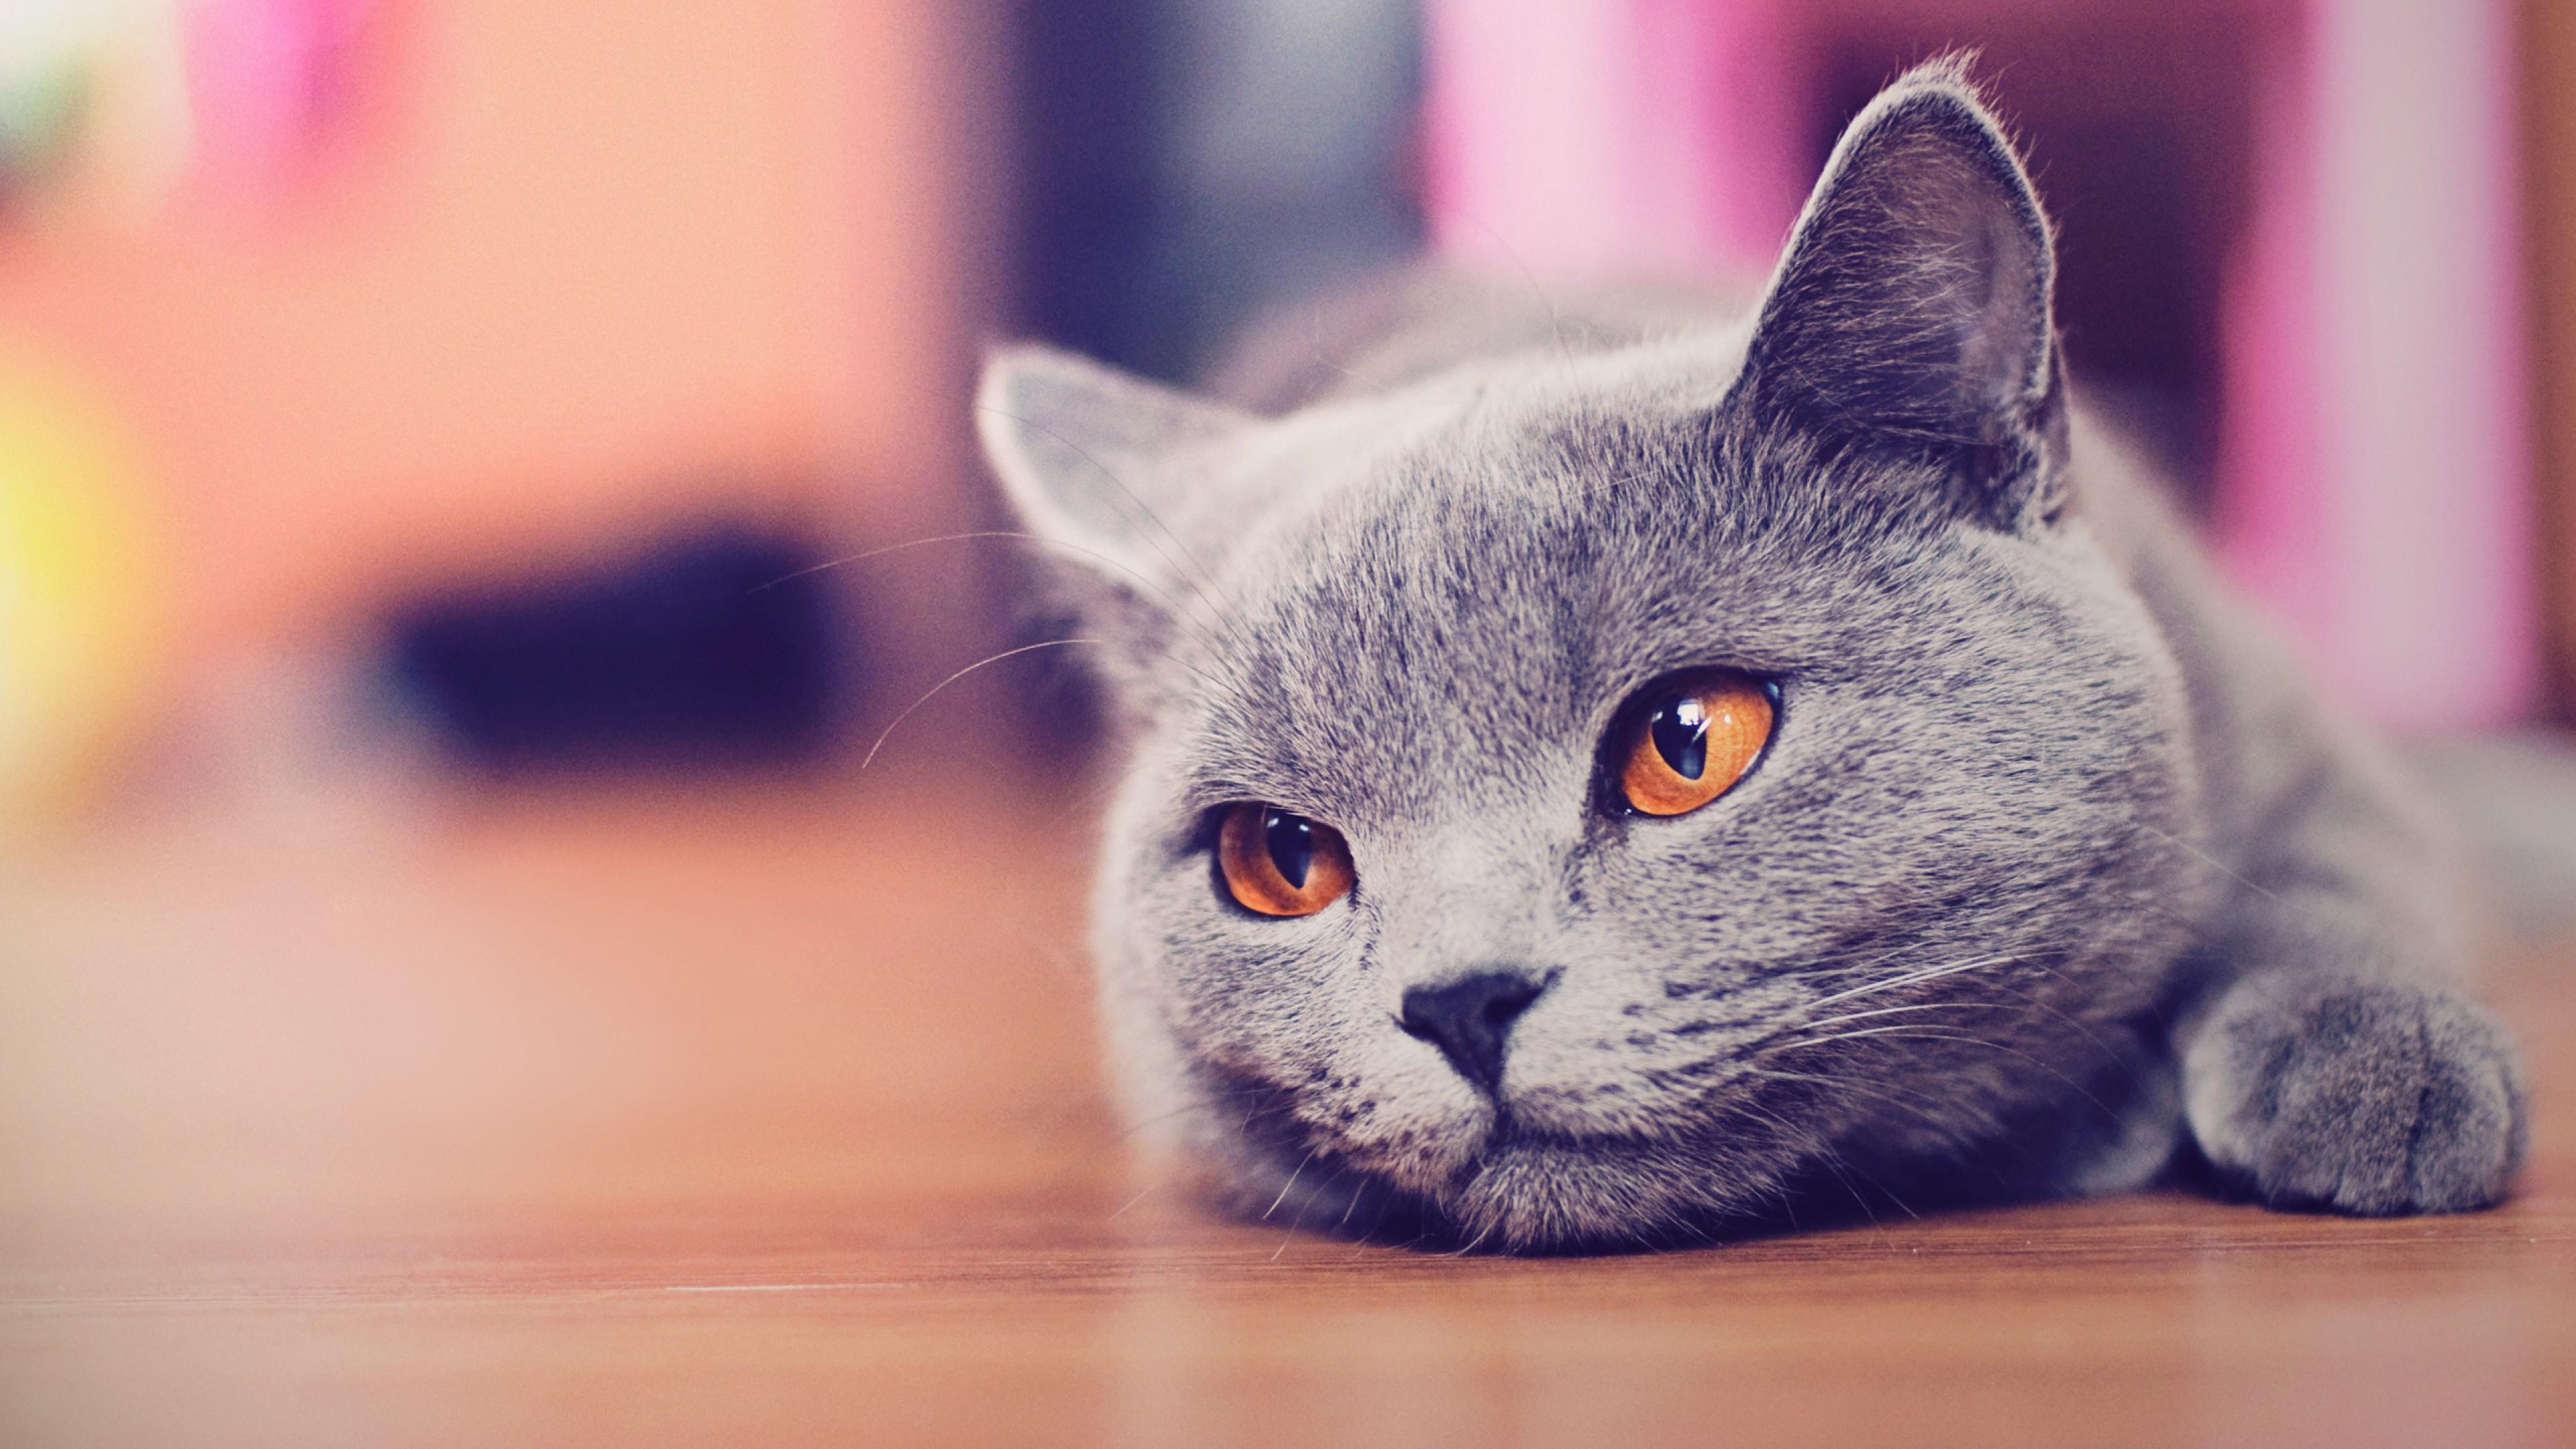 котенок дымчатый kitten smoky  № 2344438 без смс